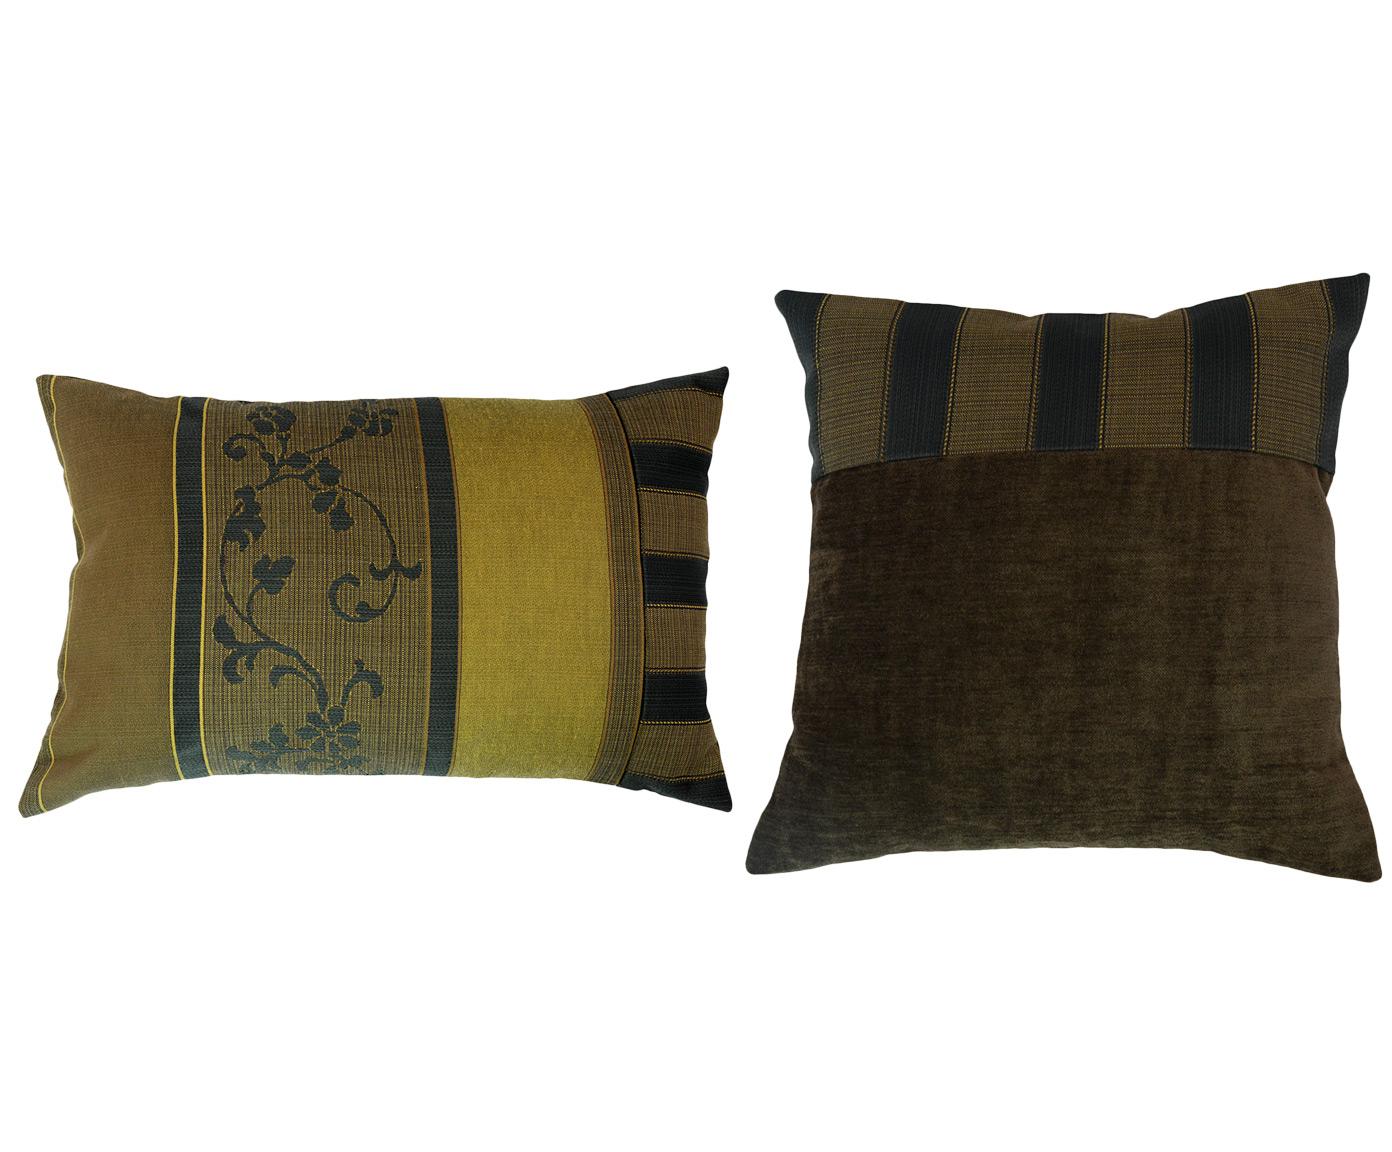 Комплект подушек Montcerrat (2шт)Квадратные подушки и наволочки<br>Комплект декоративных  подушек. Чехол съемный.<br><br>Material: Вискоза<br>Length см: 40<br>Width см: 60.4<br>Depth см: 15